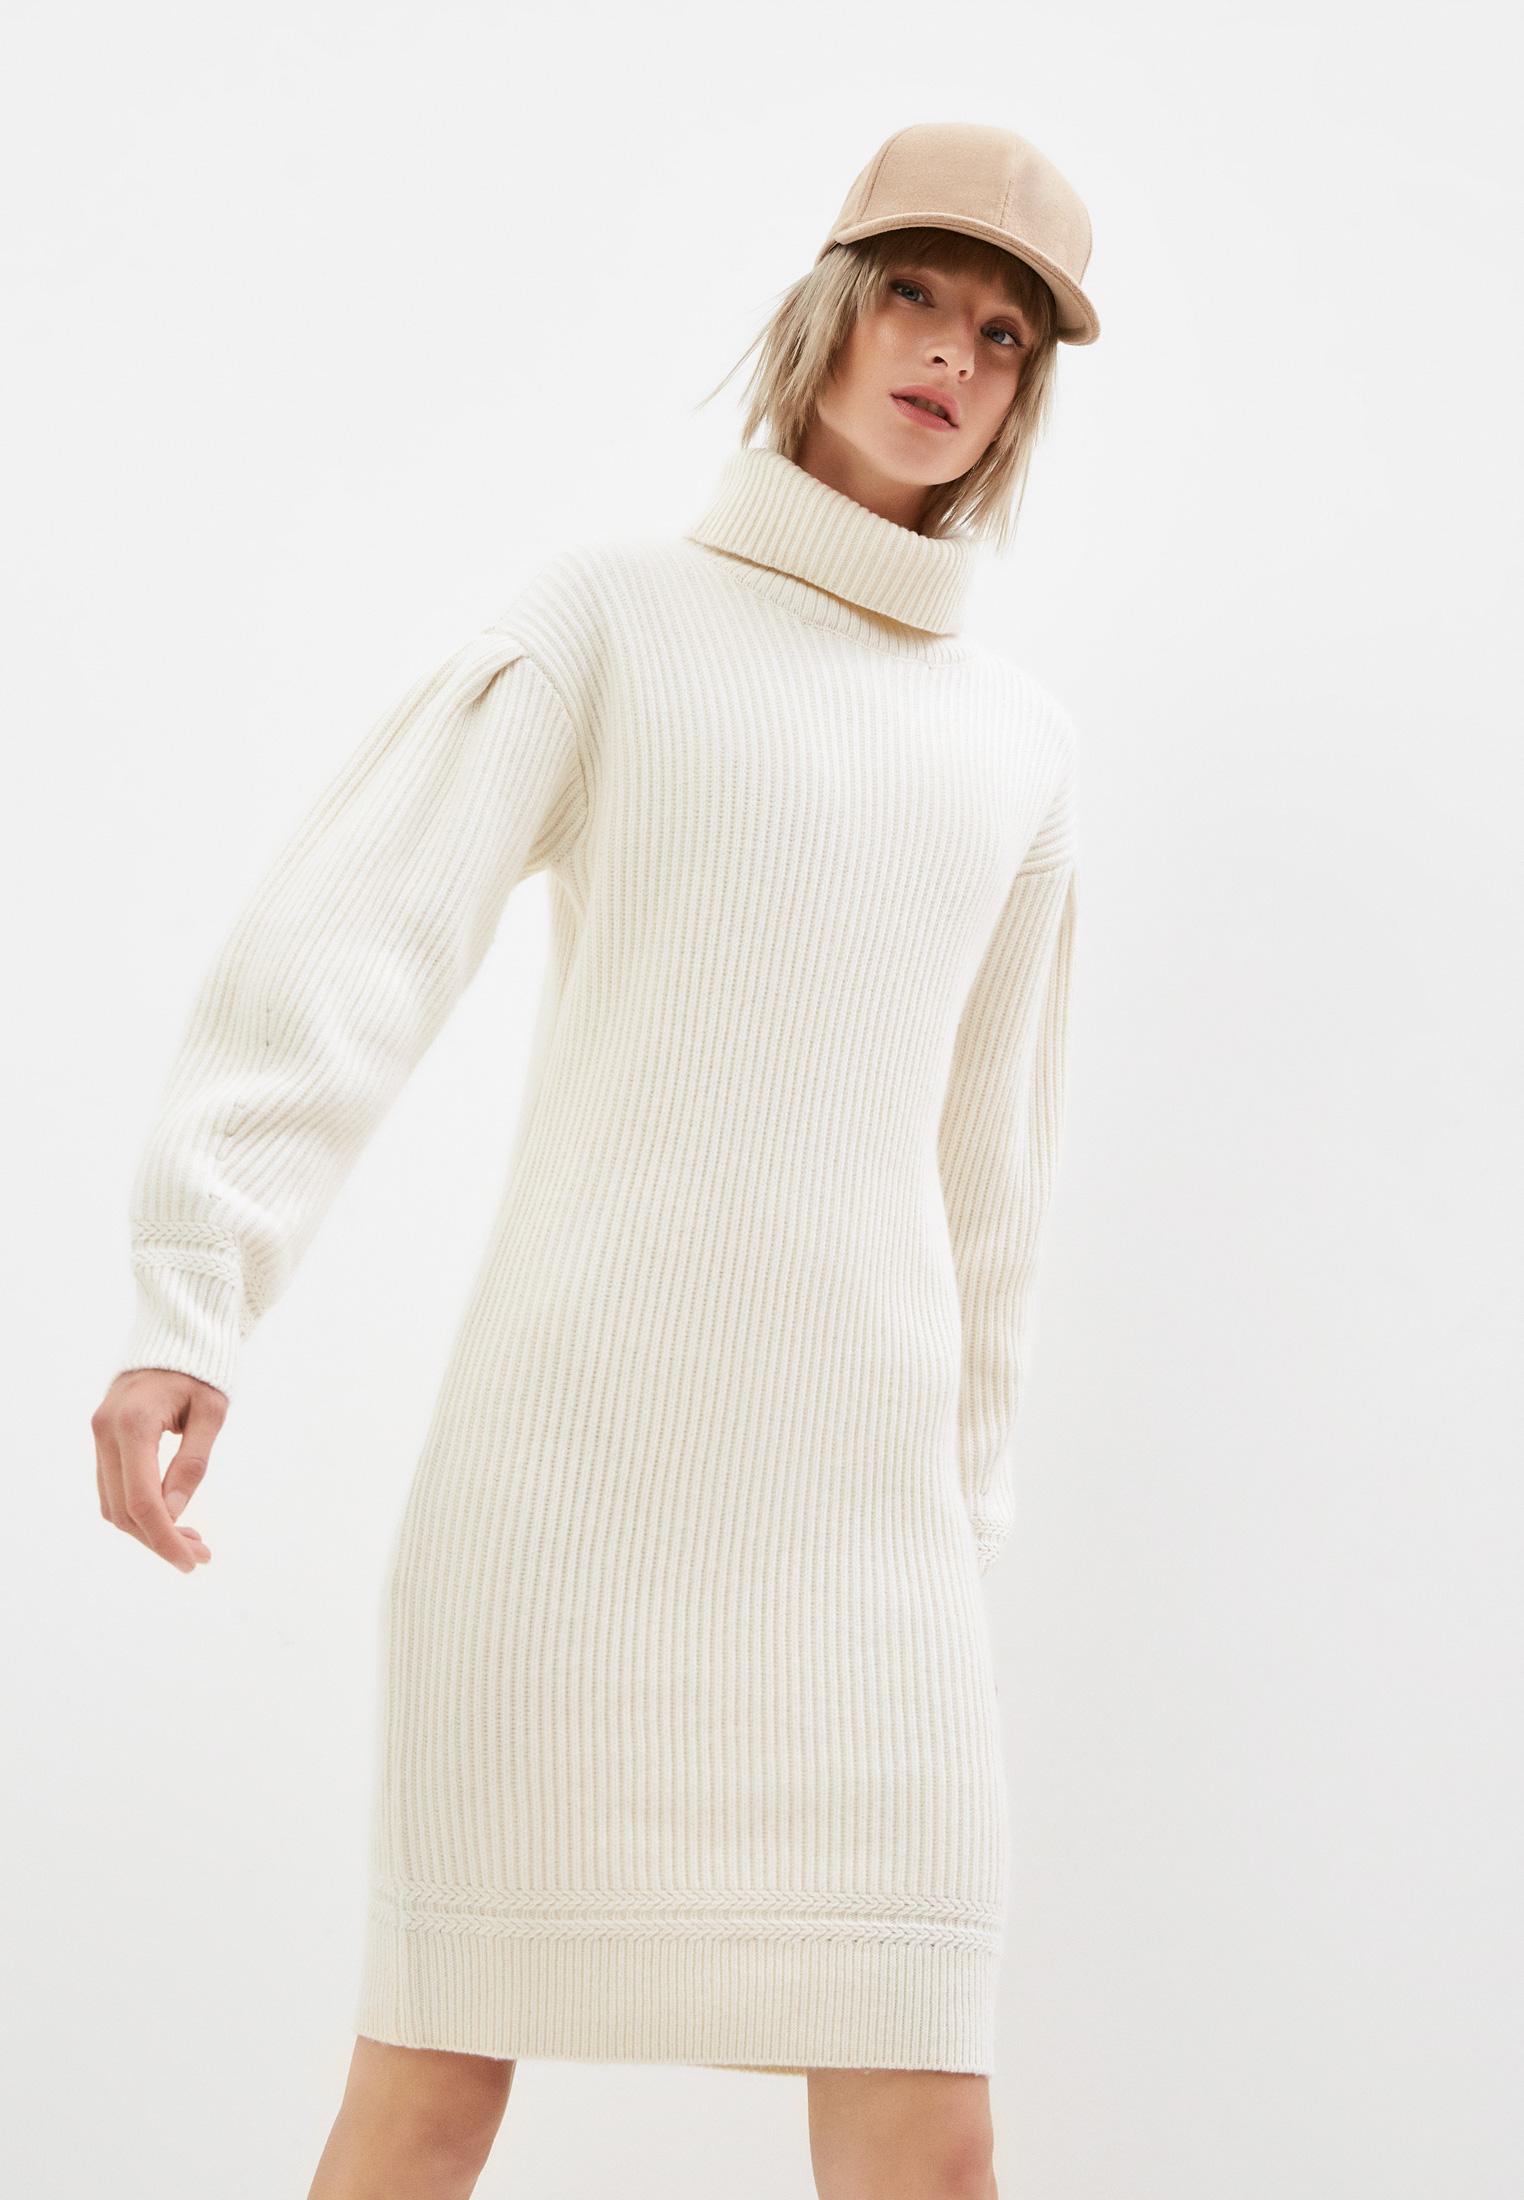 Вязаное платье Armani Exchange Платье Armani Exchange